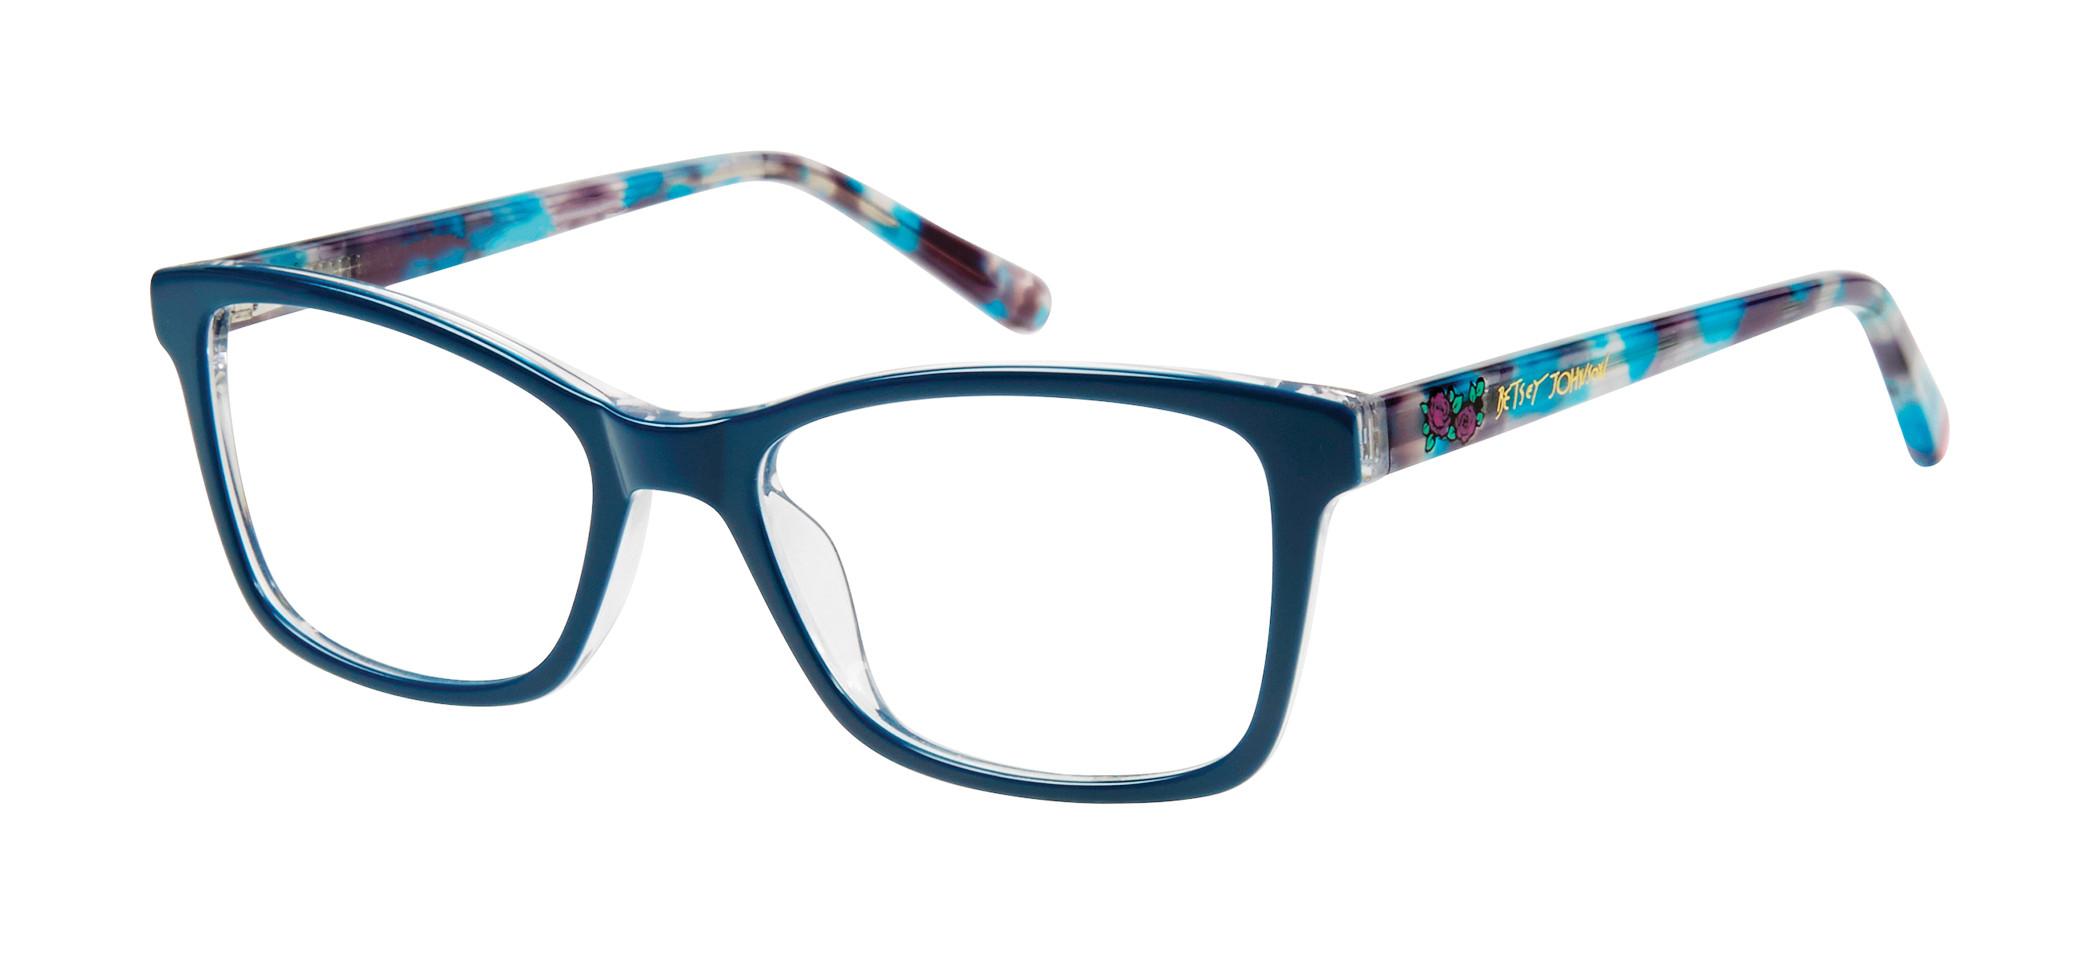 Skaga eyewear